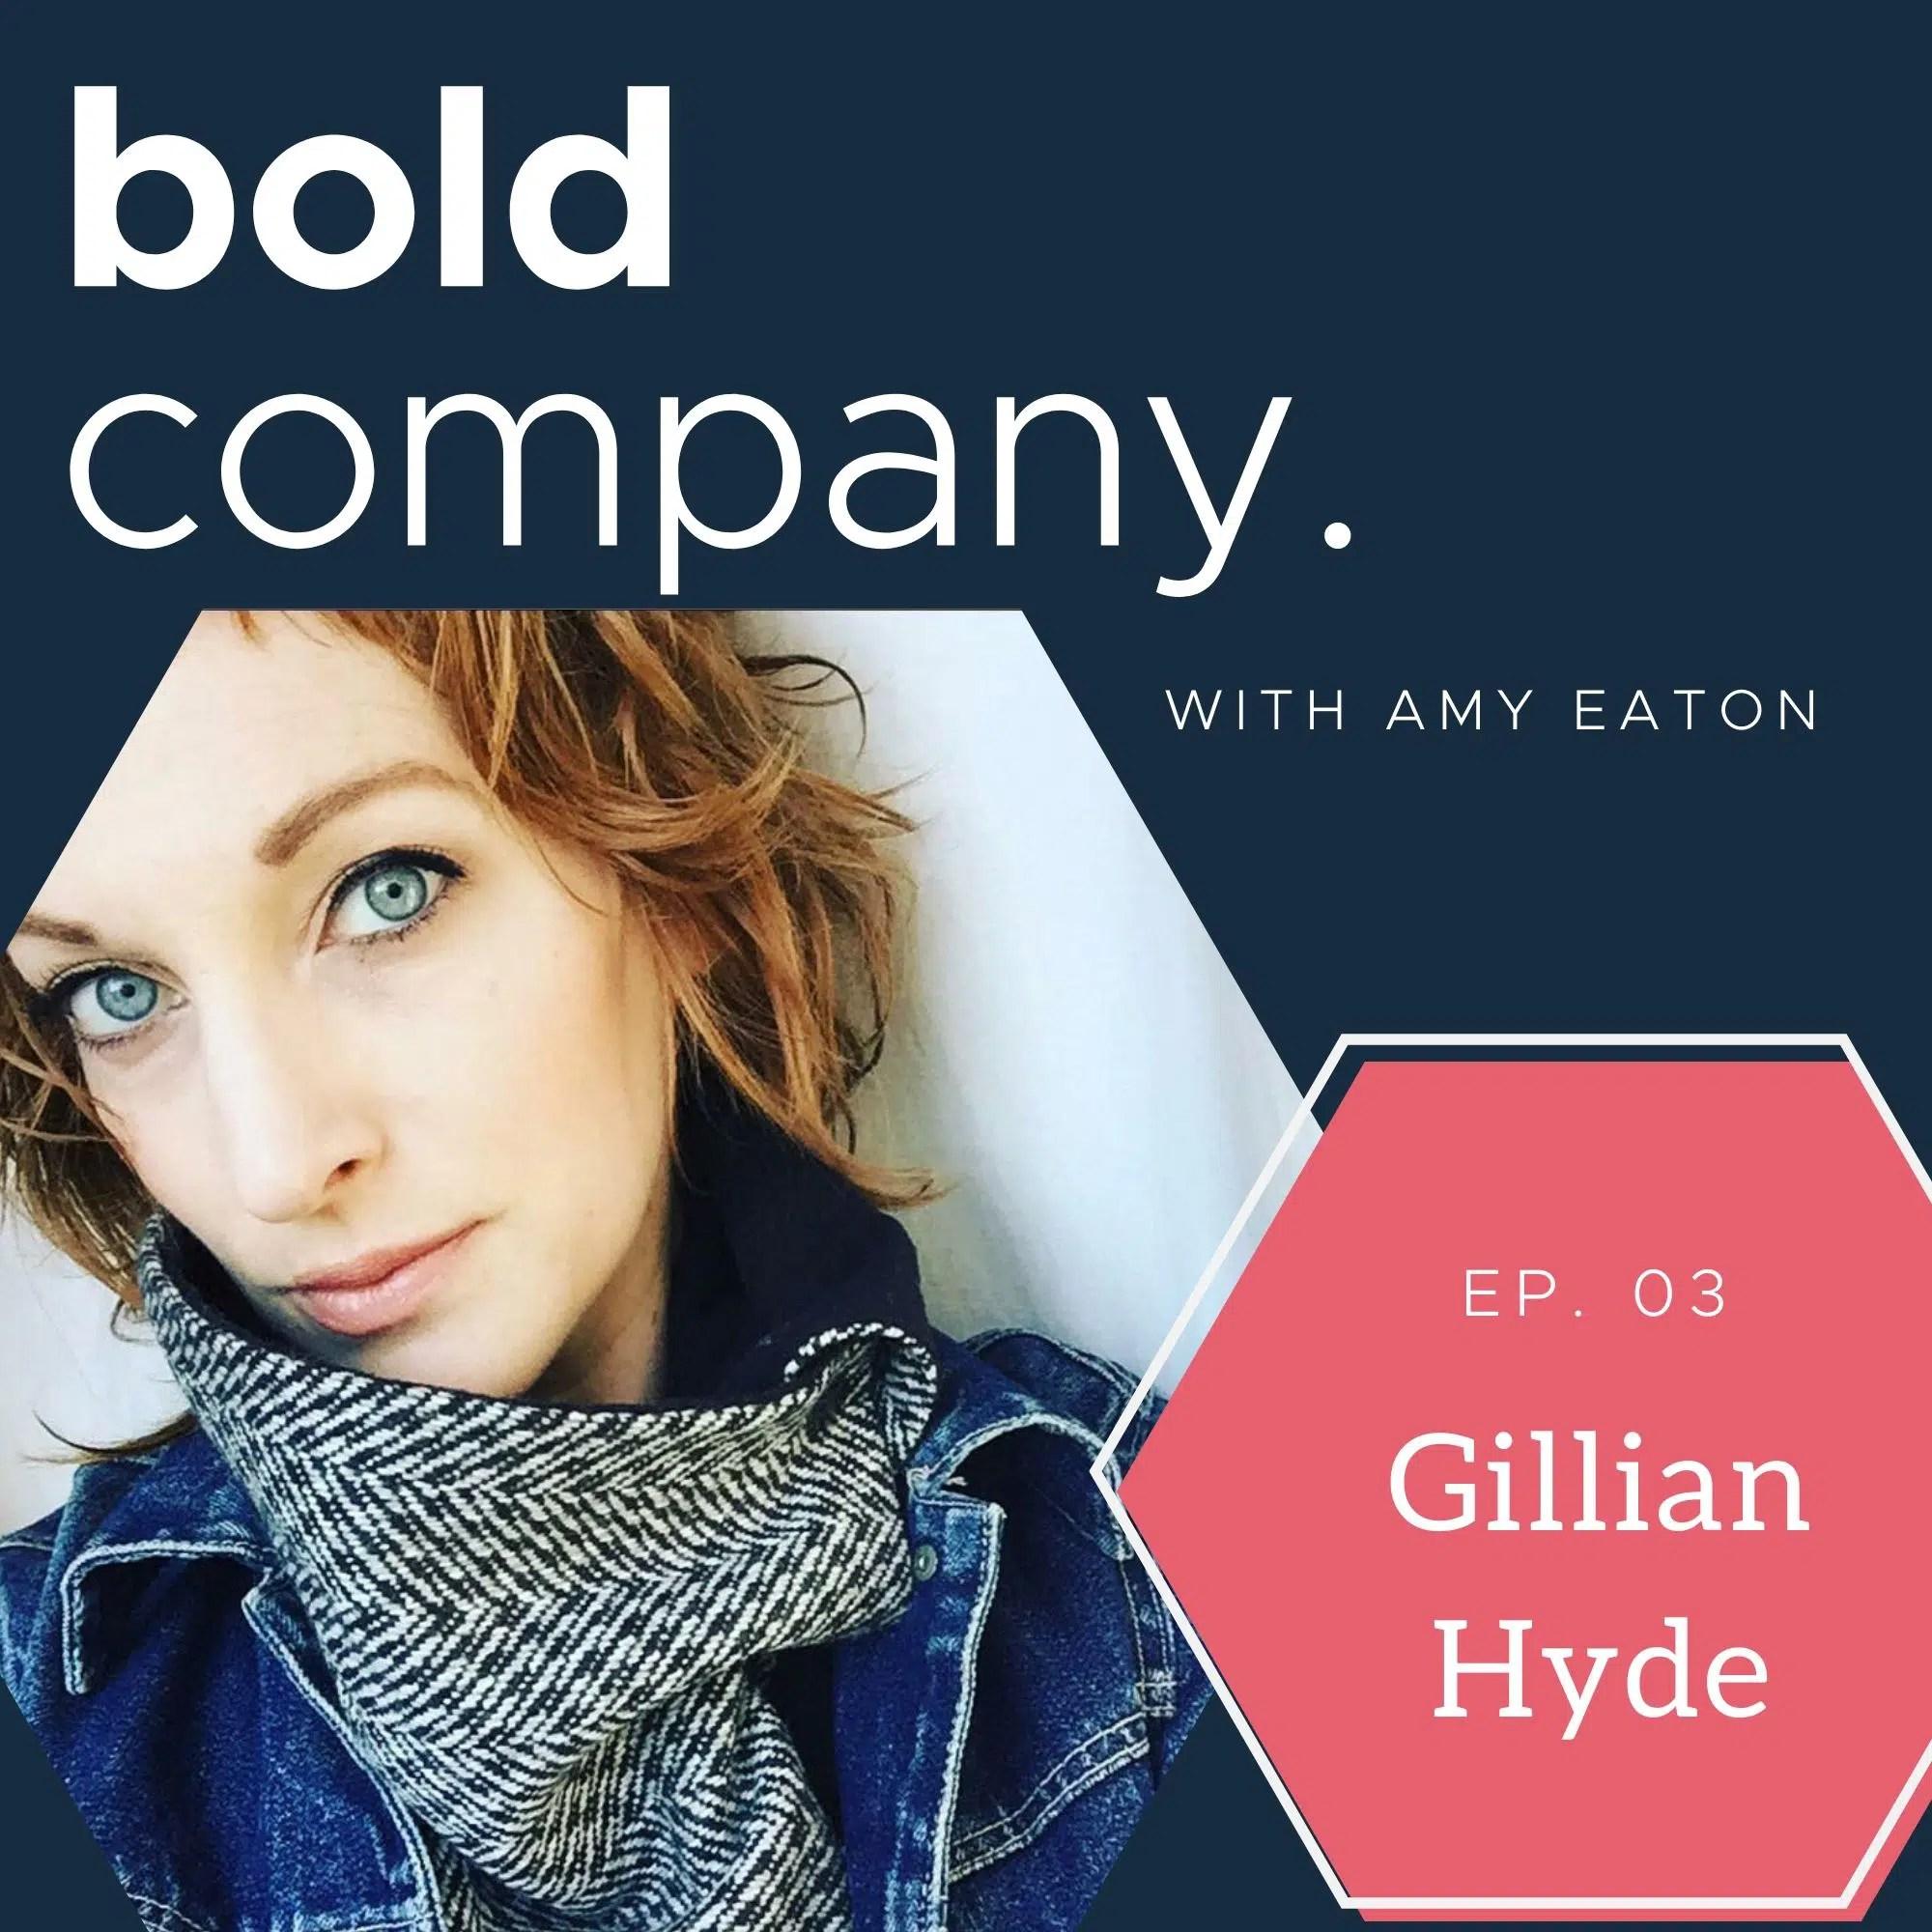 Bold Company Episode 3 – Gillian Hyde